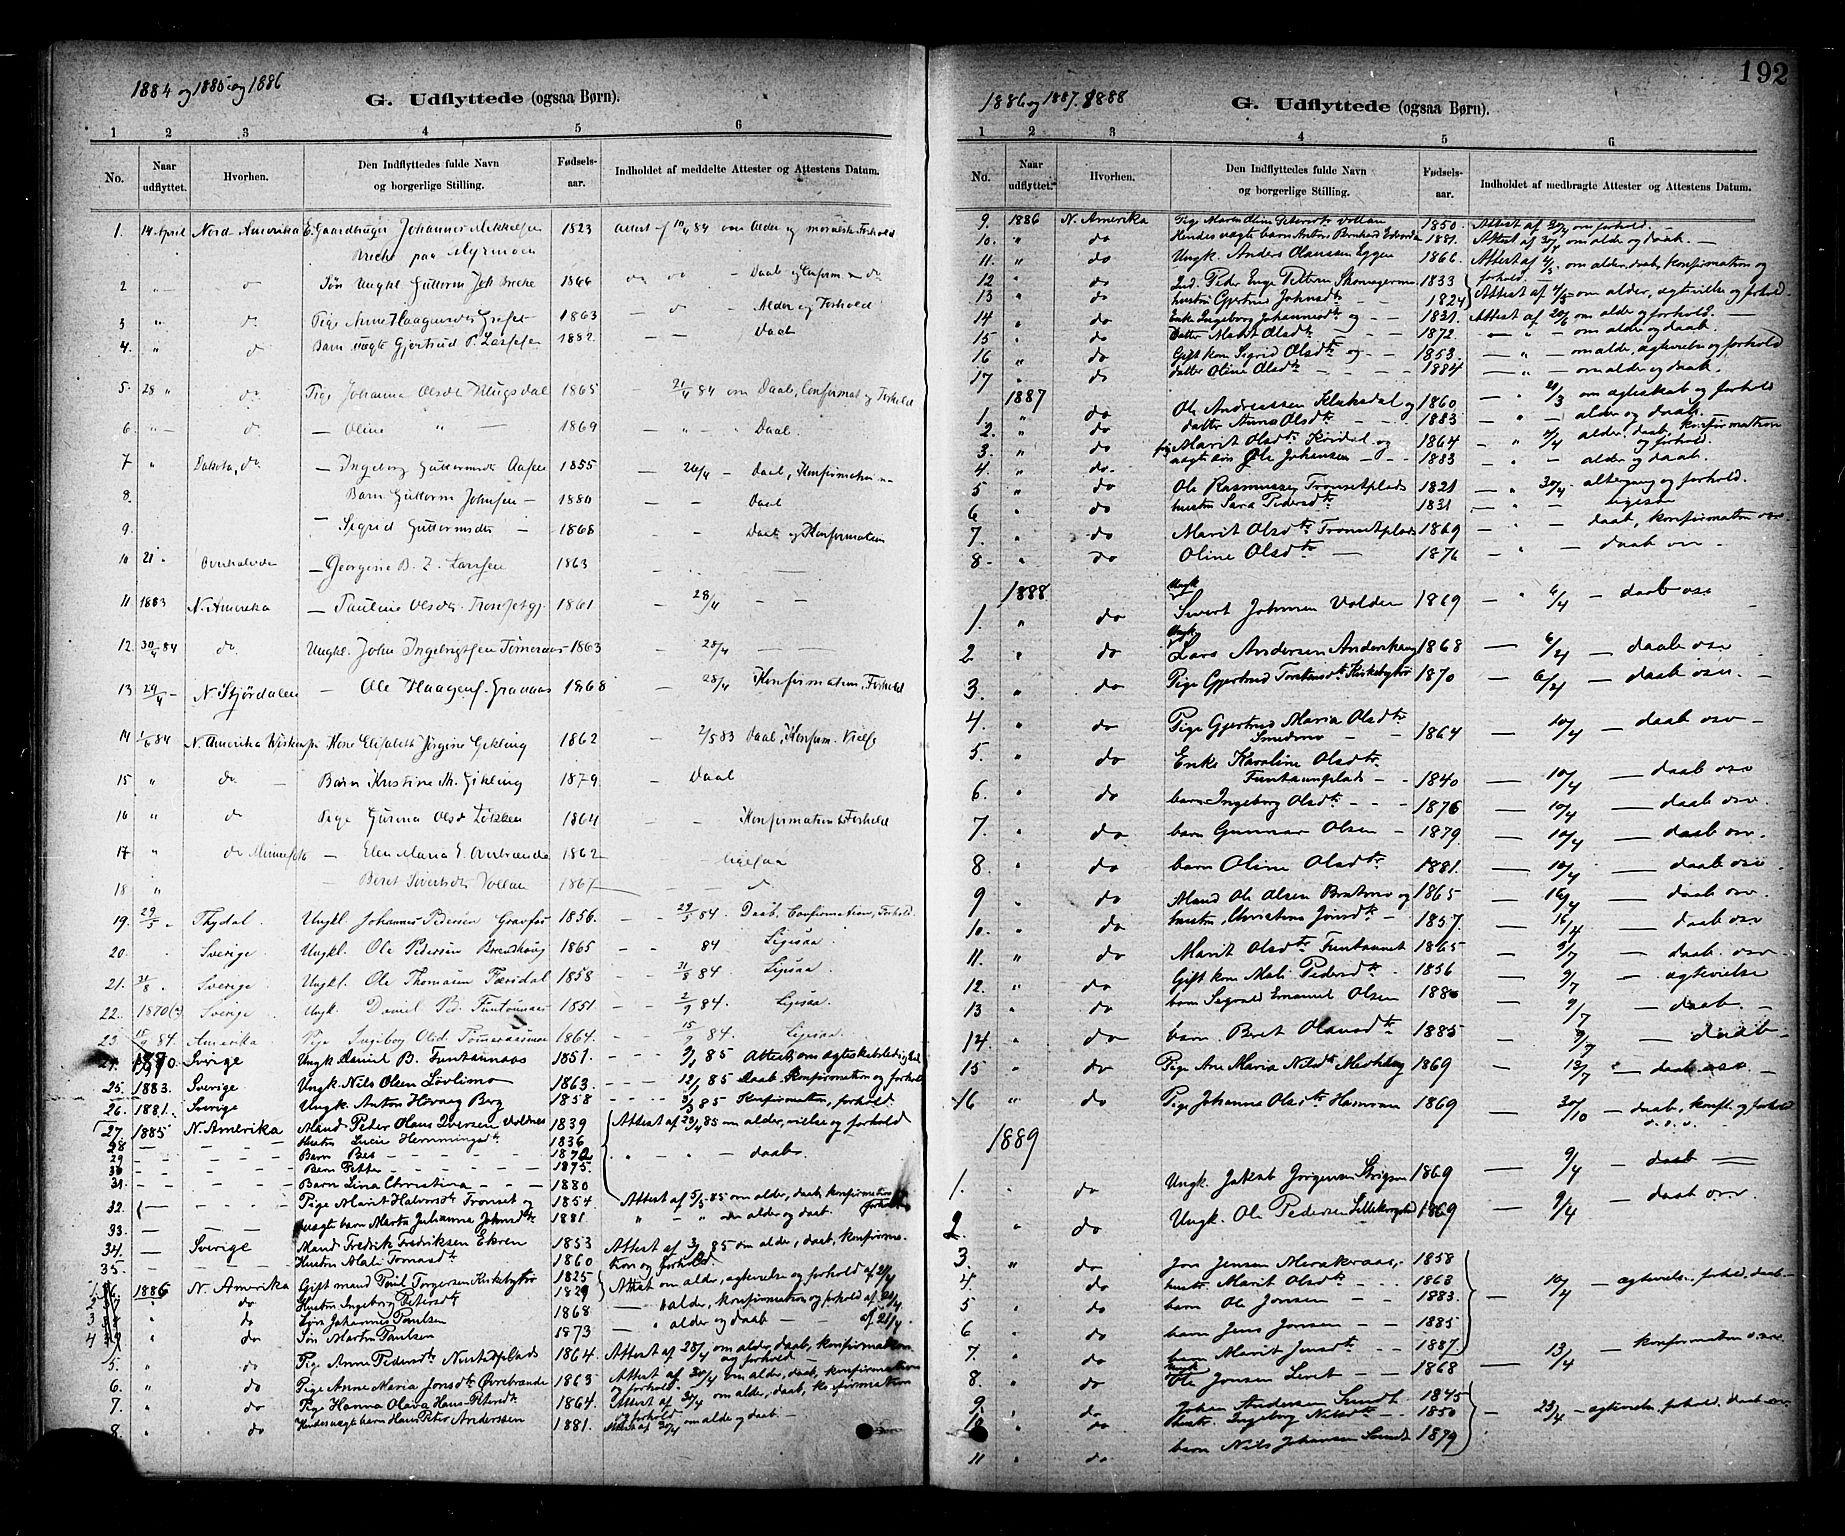 SAT, Ministerialprotokoller, klokkerbøker og fødselsregistre - Nord-Trøndelag, 706/L0047: Ministerialbok nr. 706A03, 1878-1892, s. 192